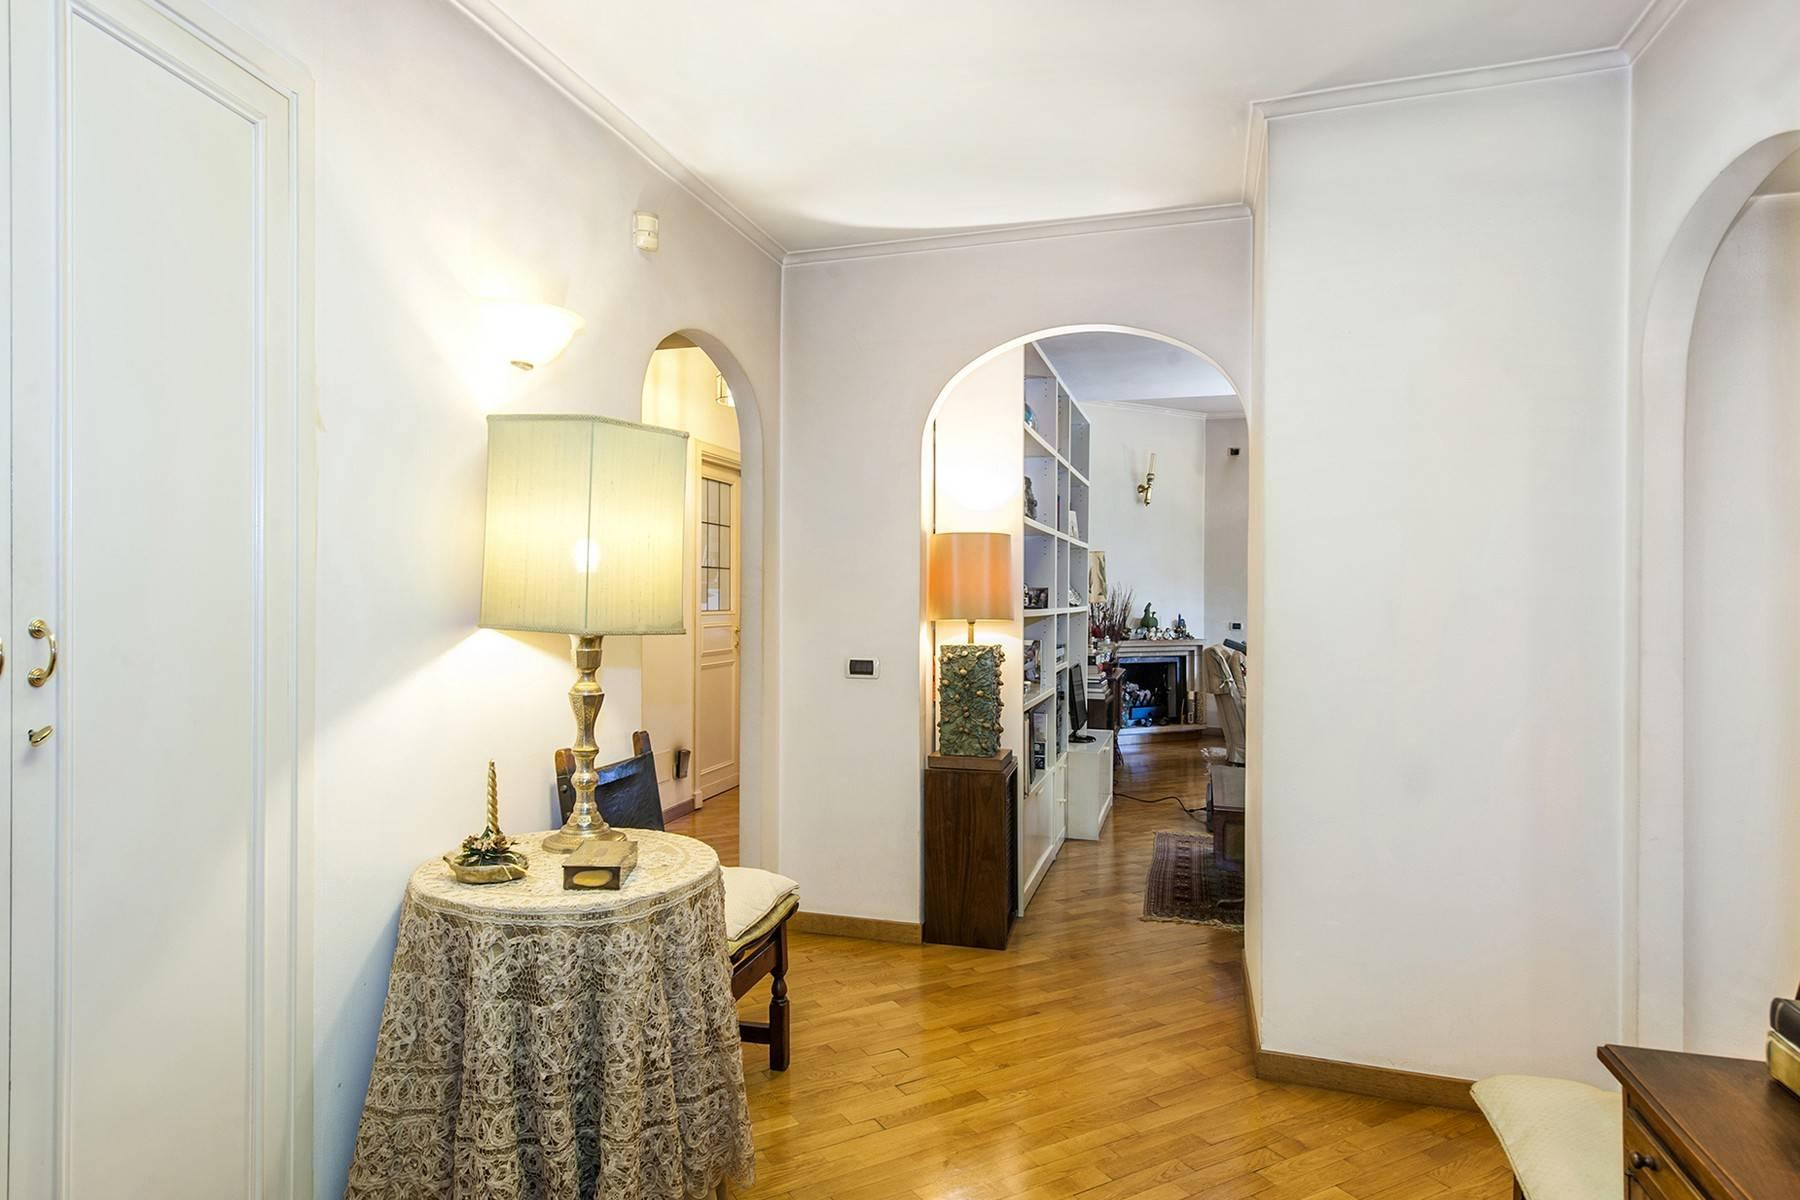 Appartamento con giardino nei pressi dell'Appia Antica - 11